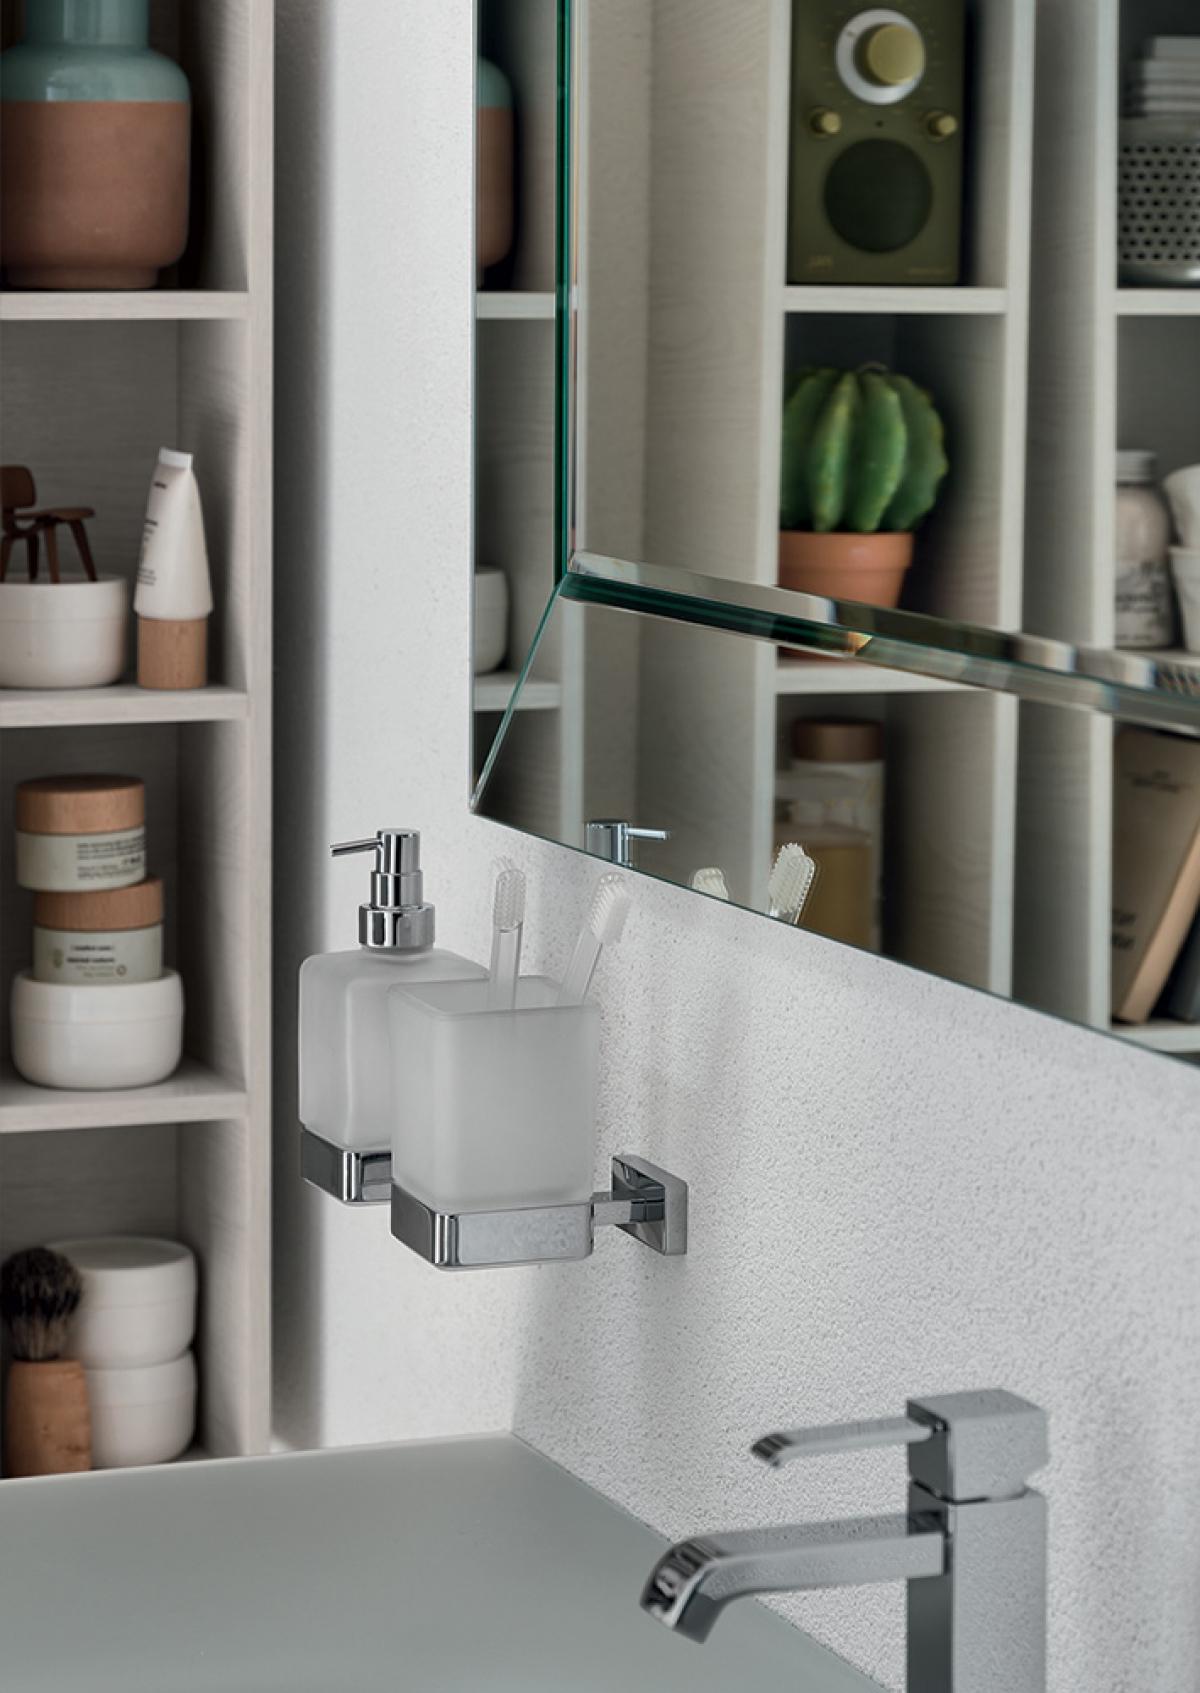 accessoires salle de bain lea inda induscabel salle de bains chauffage et cuisine. Black Bedroom Furniture Sets. Home Design Ideas